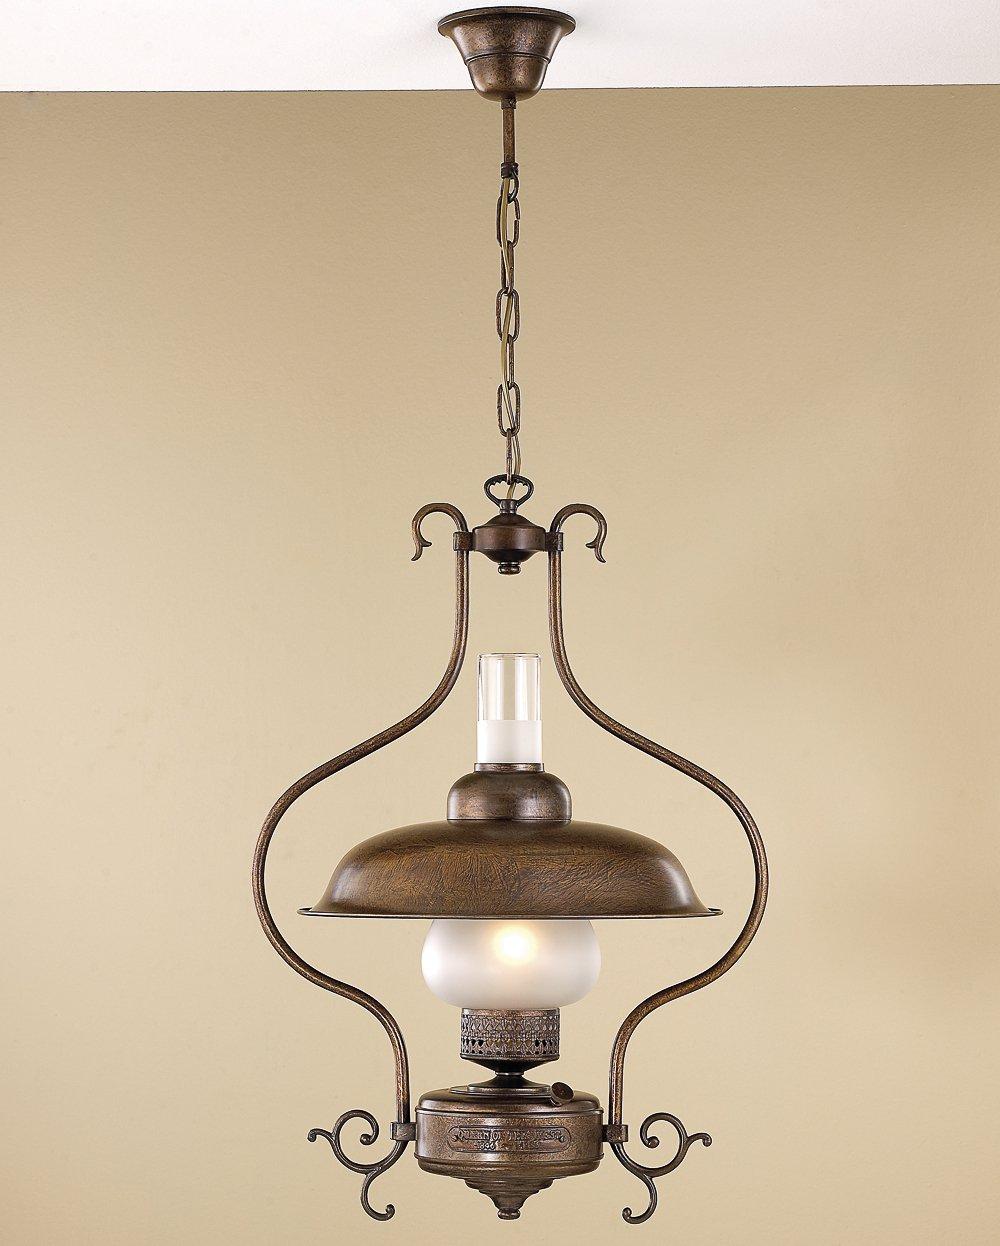 rustikale messingleuchte in form einer alten petroleumlampe zur tischbeleuchtung g nstig kaufen. Black Bedroom Furniture Sets. Home Design Ideas